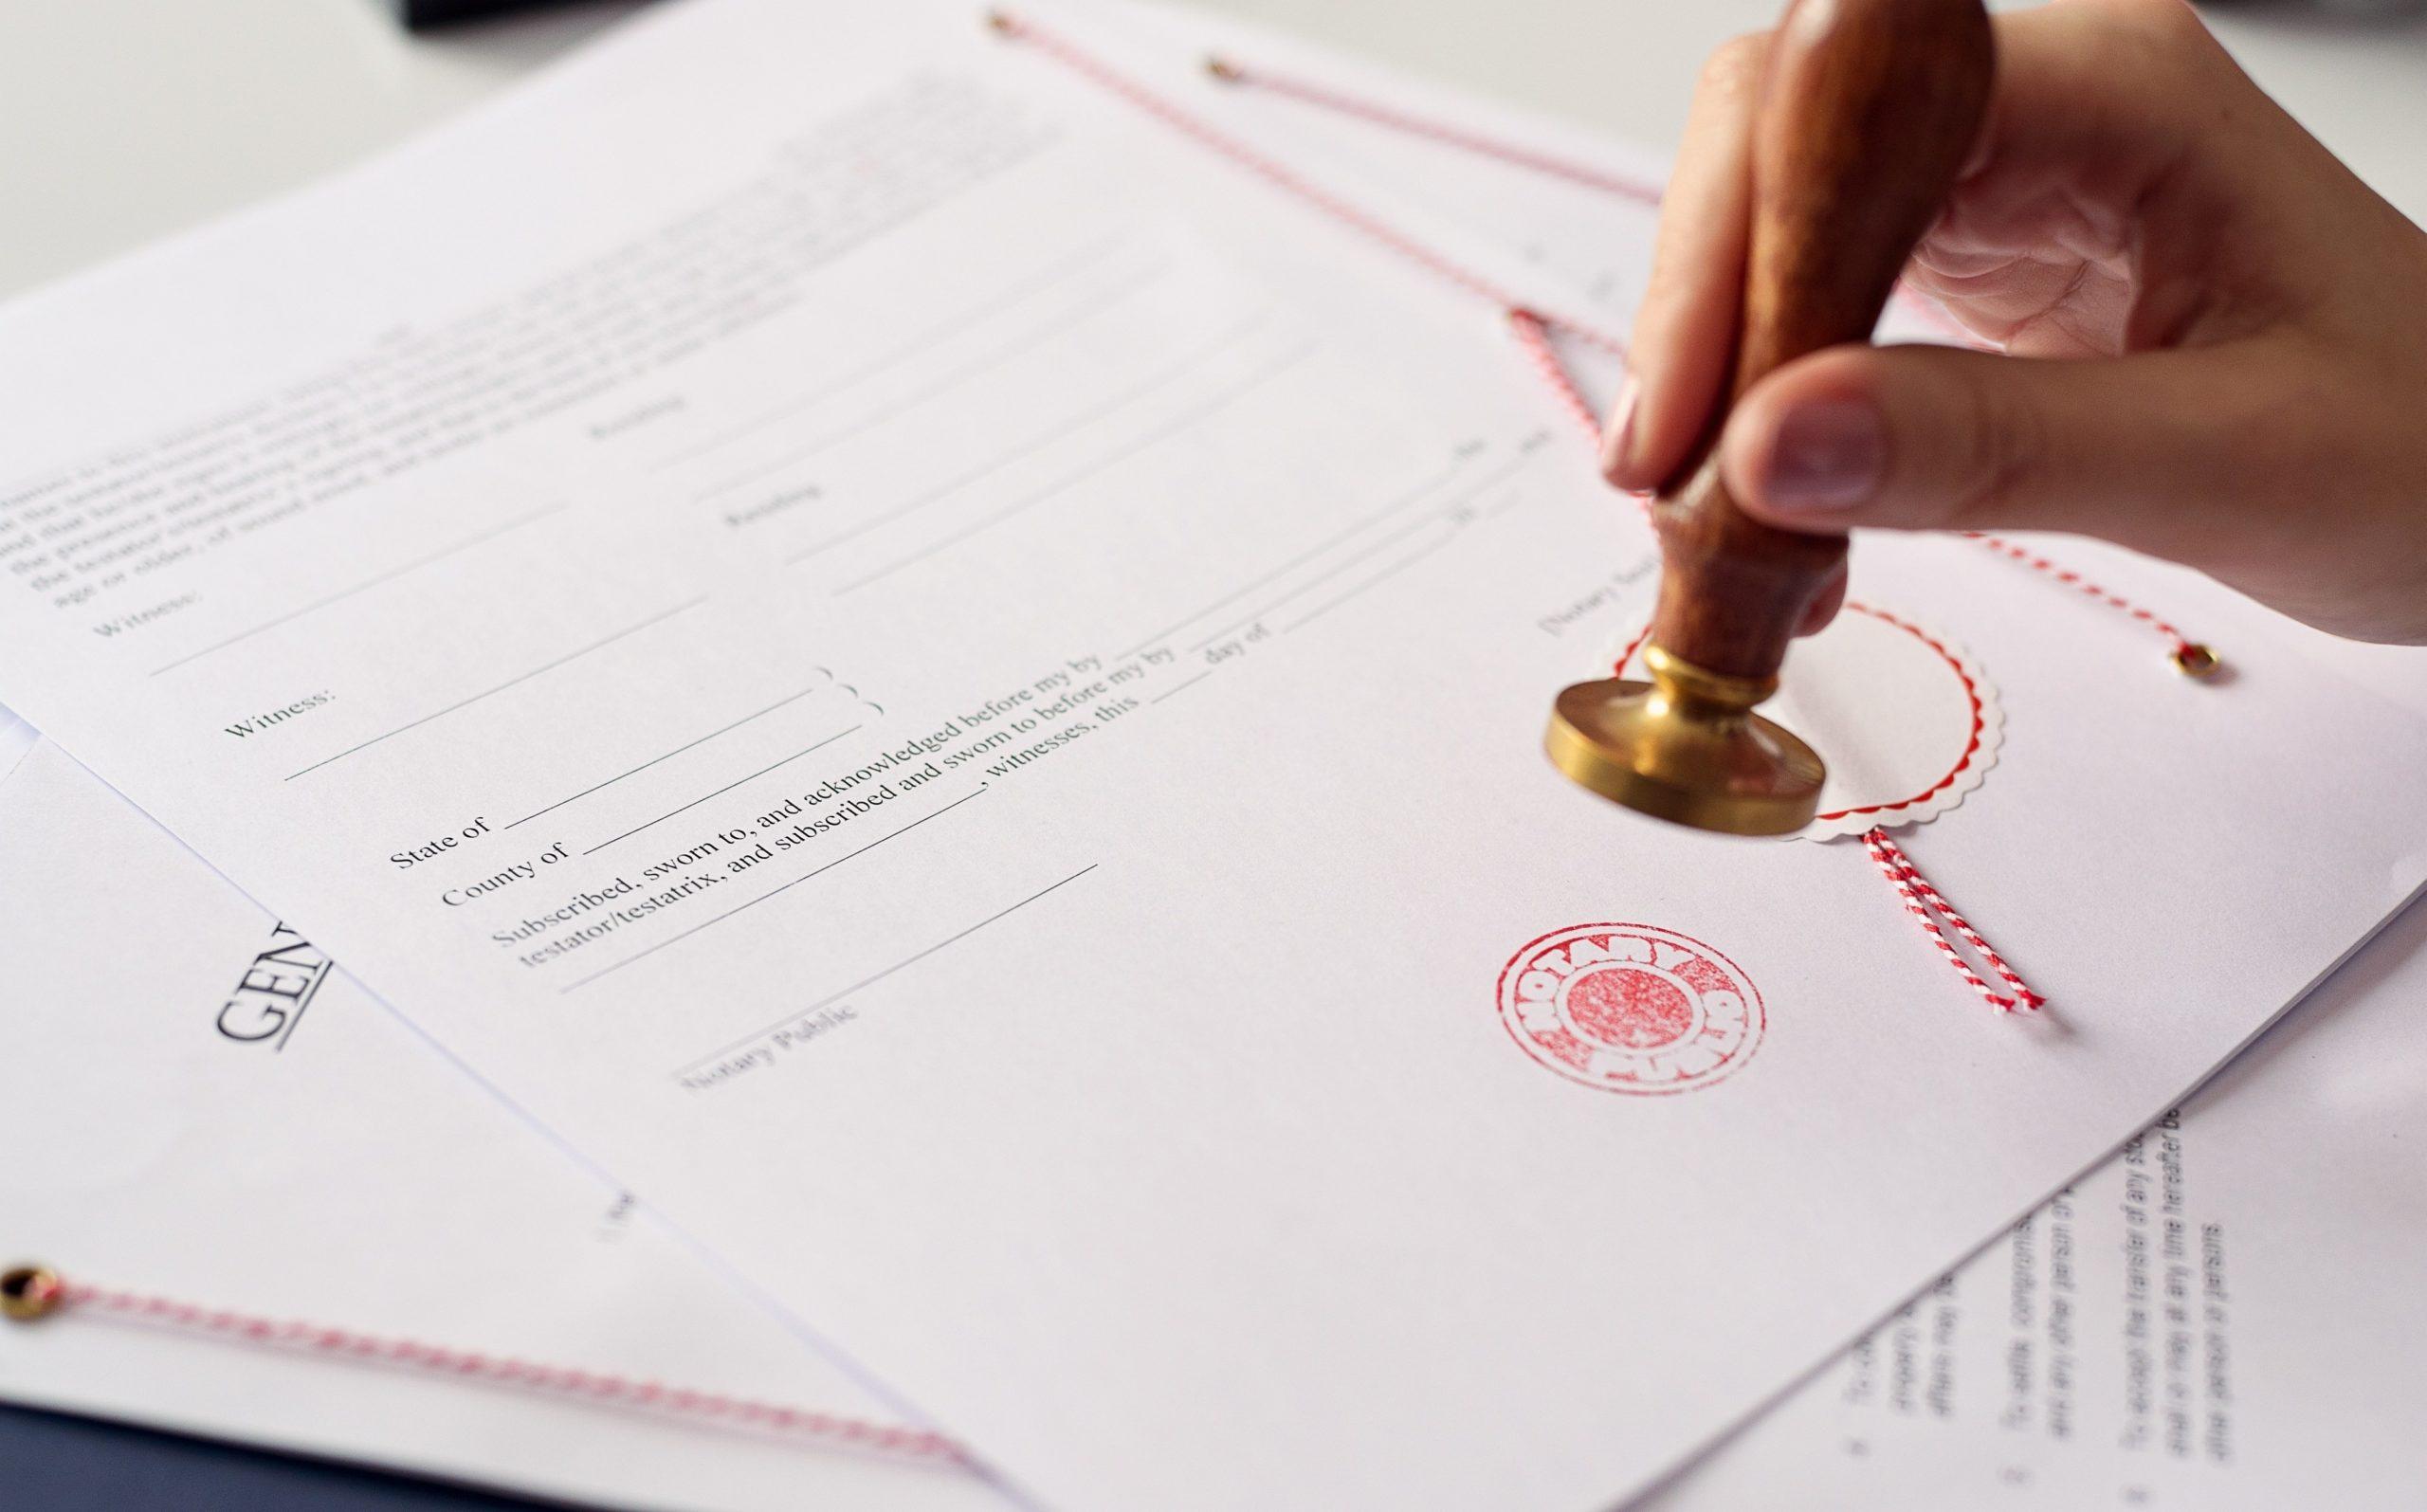 Условия признания незаконной исполнительной надписи нотариуса об обращении взыскания на предмет залога.